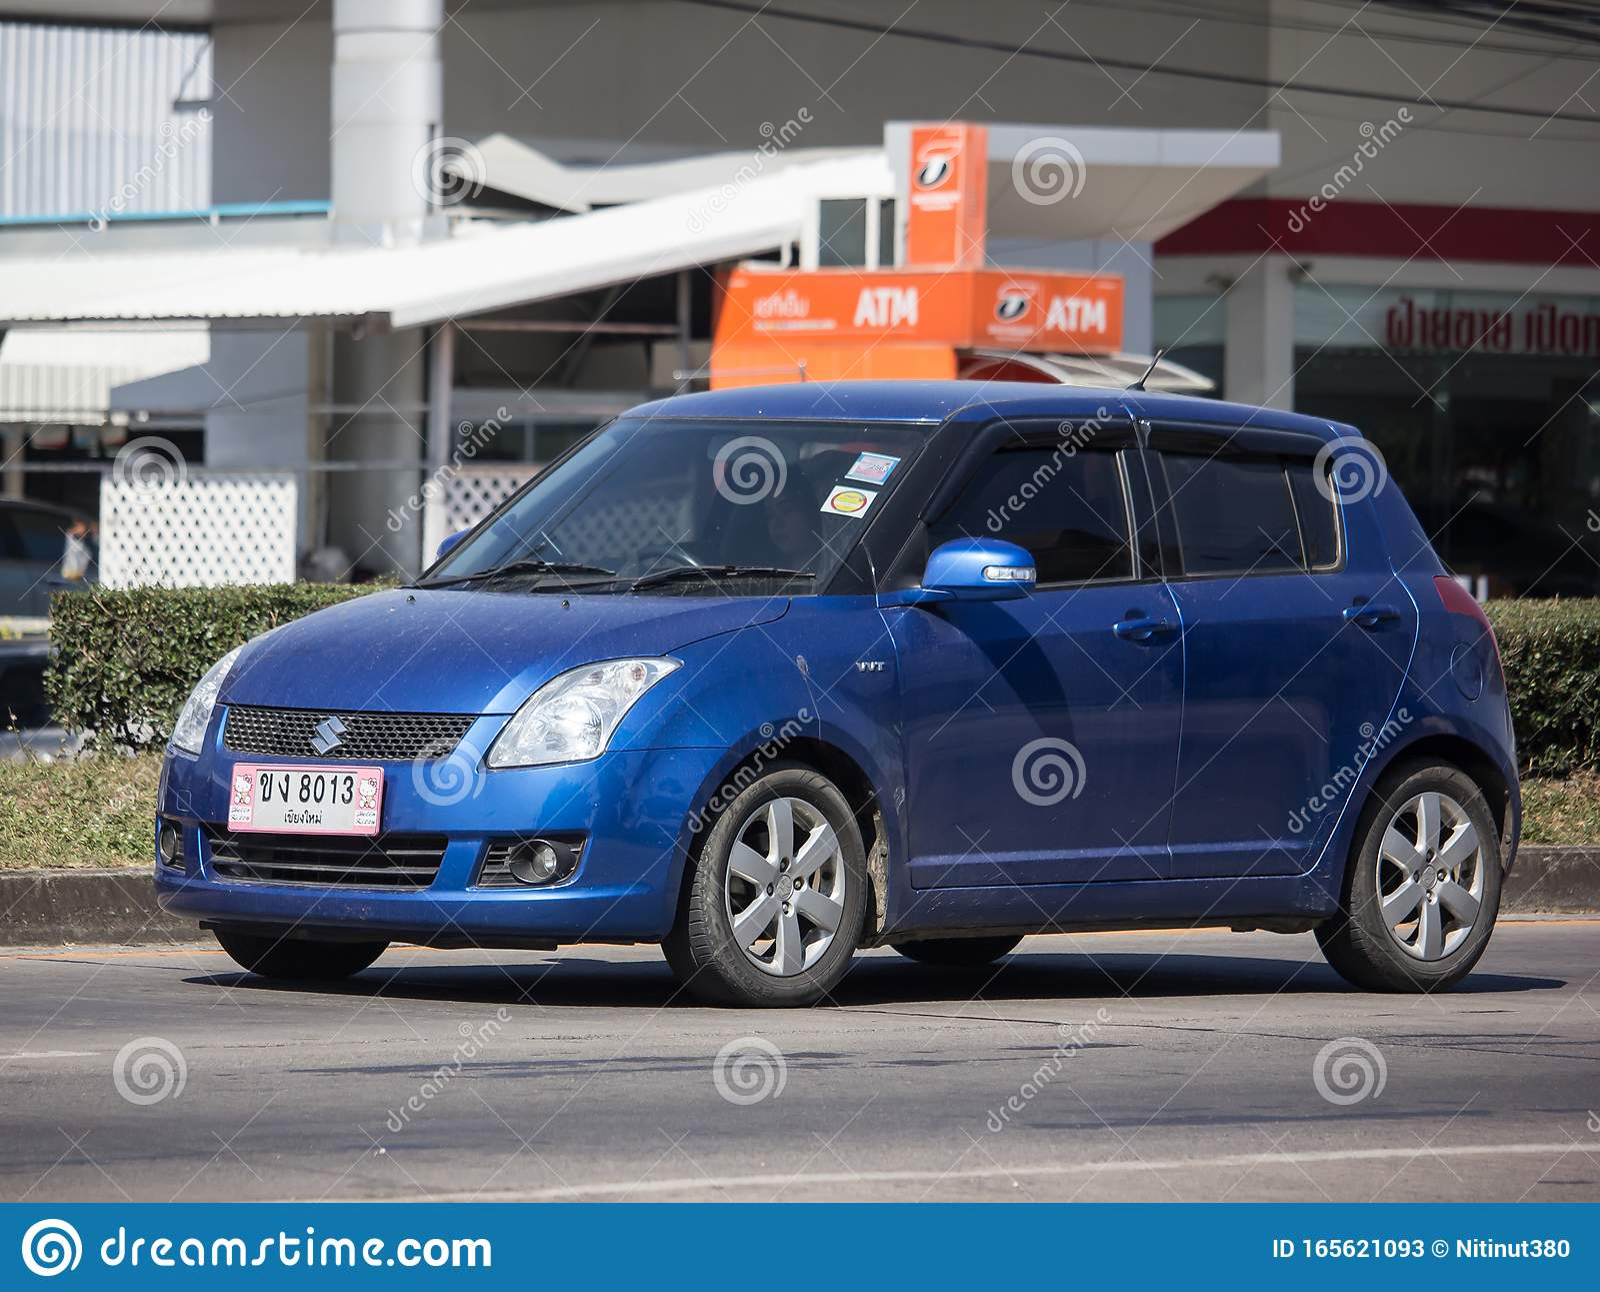 Private Eco City Car Suzuki Swift Editorial Stock Photo ...